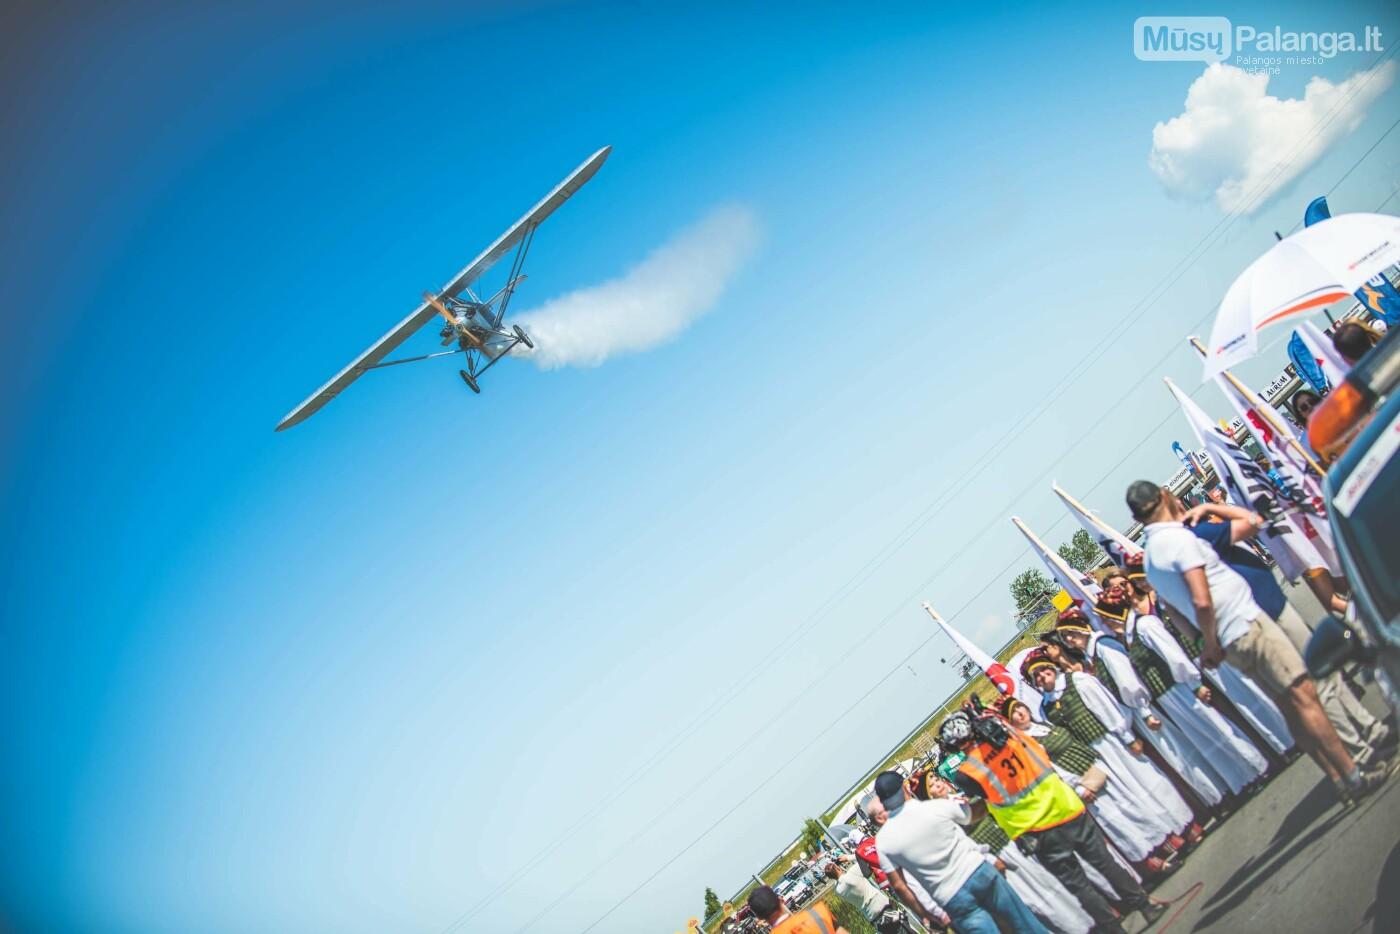 """Palangoje startavo """"Aurum 1006 km"""" lenktynės, nuotrauka-17, Vytauto PILKAUSKO ir Arno STRUMILOS nuotr."""